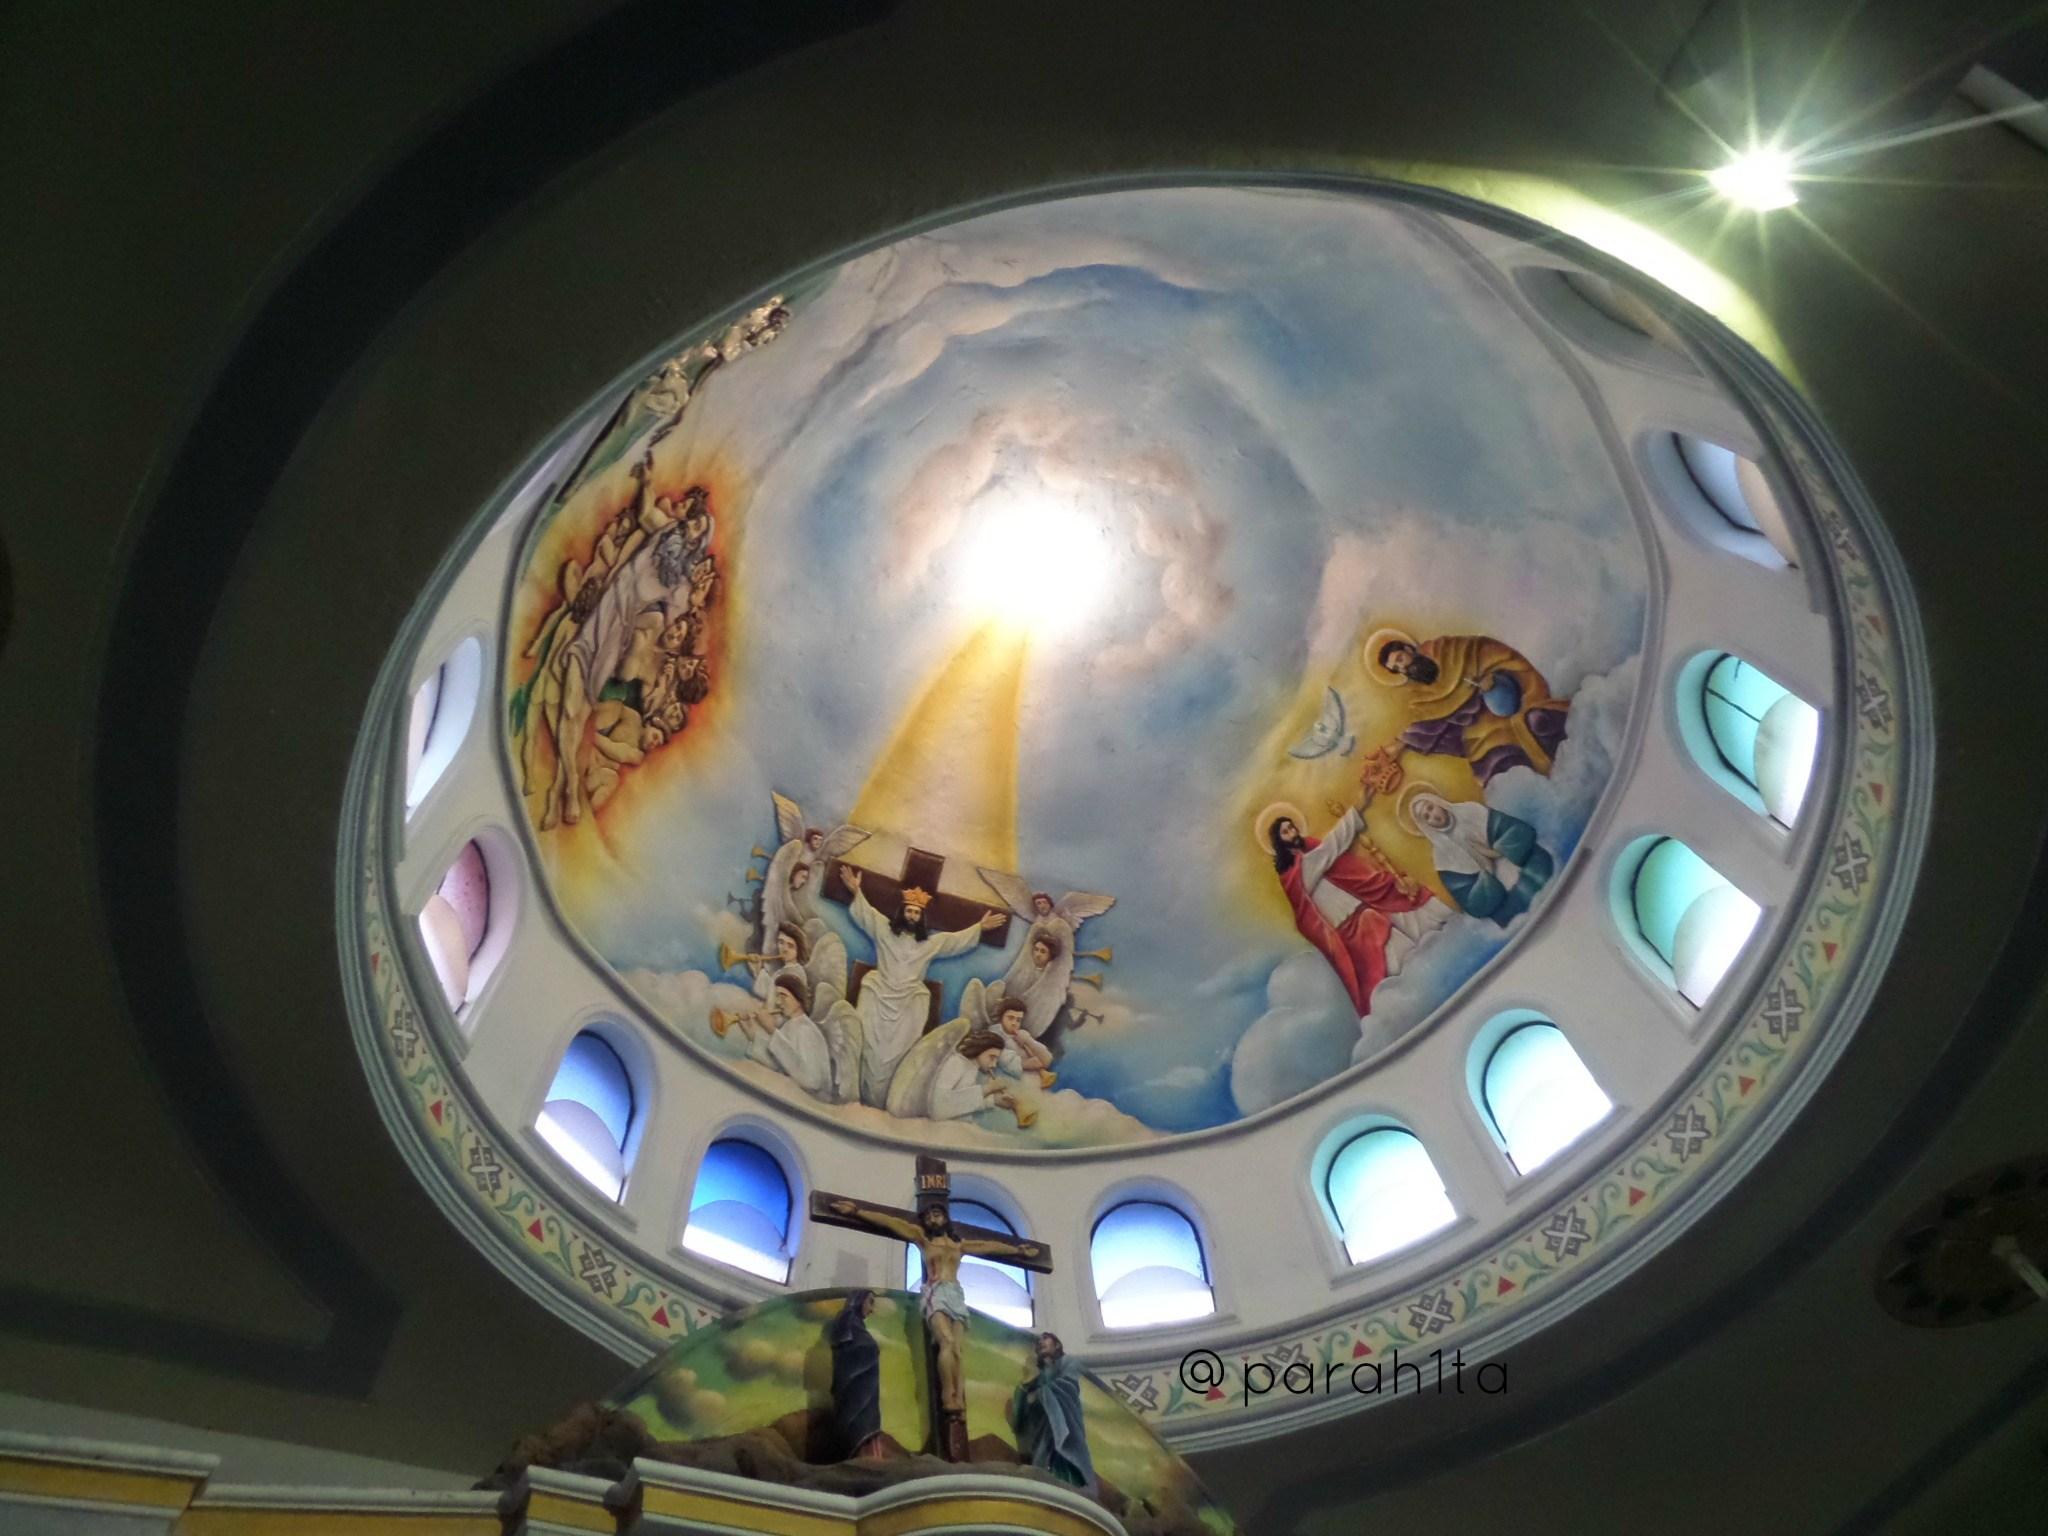 Pagi Syahdu Gereja Graha Maria Annai Velangkanni Parah1ta Kubah Atas